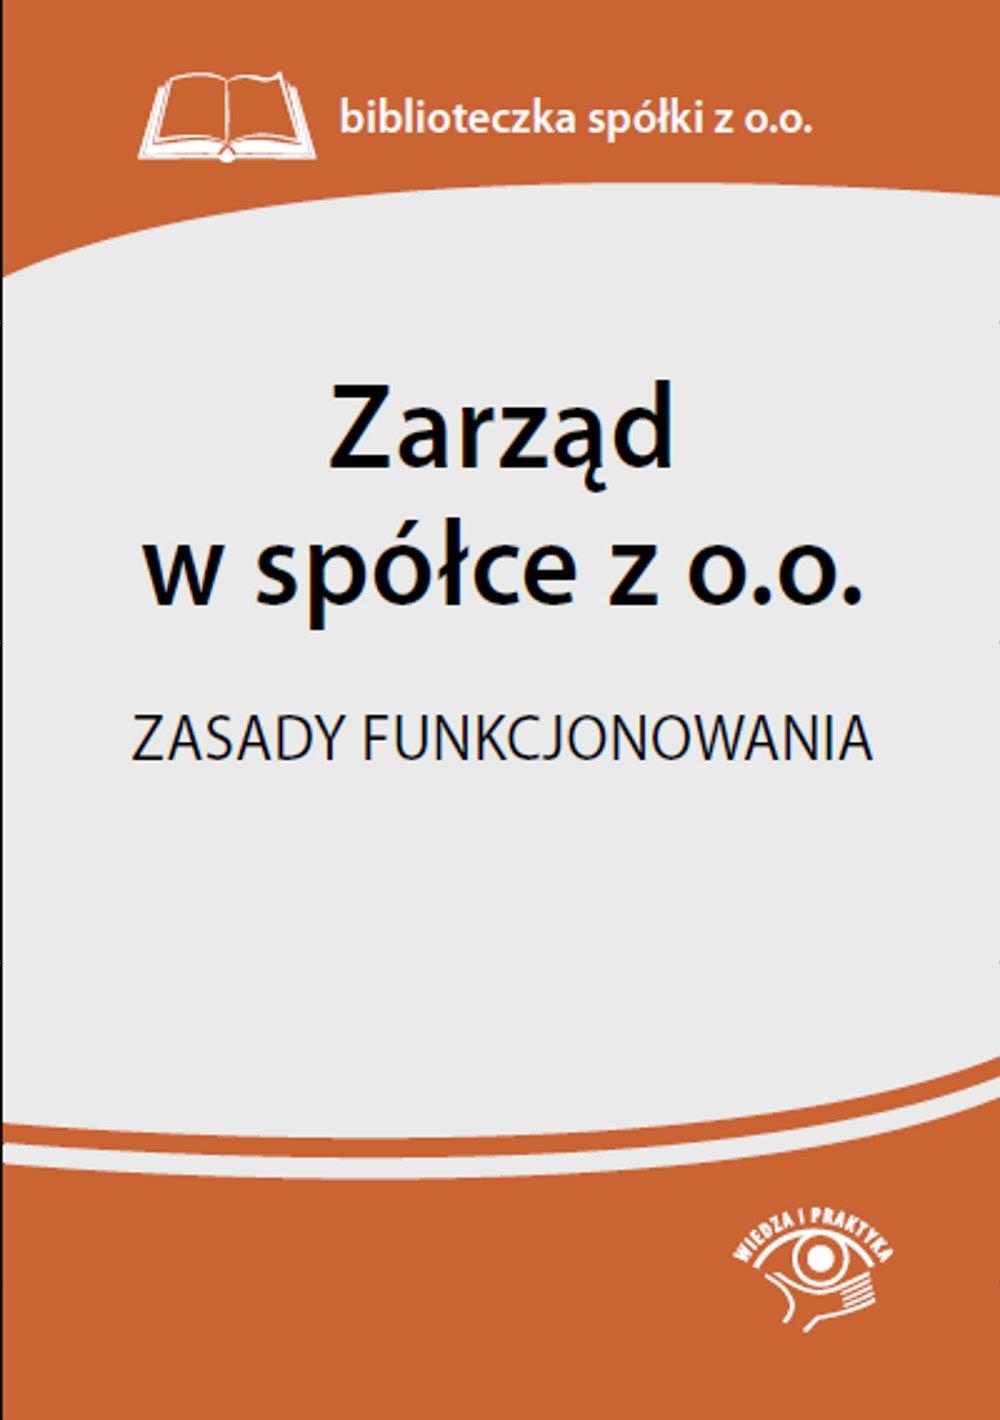 Zarząd w spółce z o.o. Zasady funkcjonowania - Ebook (Książka na Kindle) do pobrania w formacie MOBI